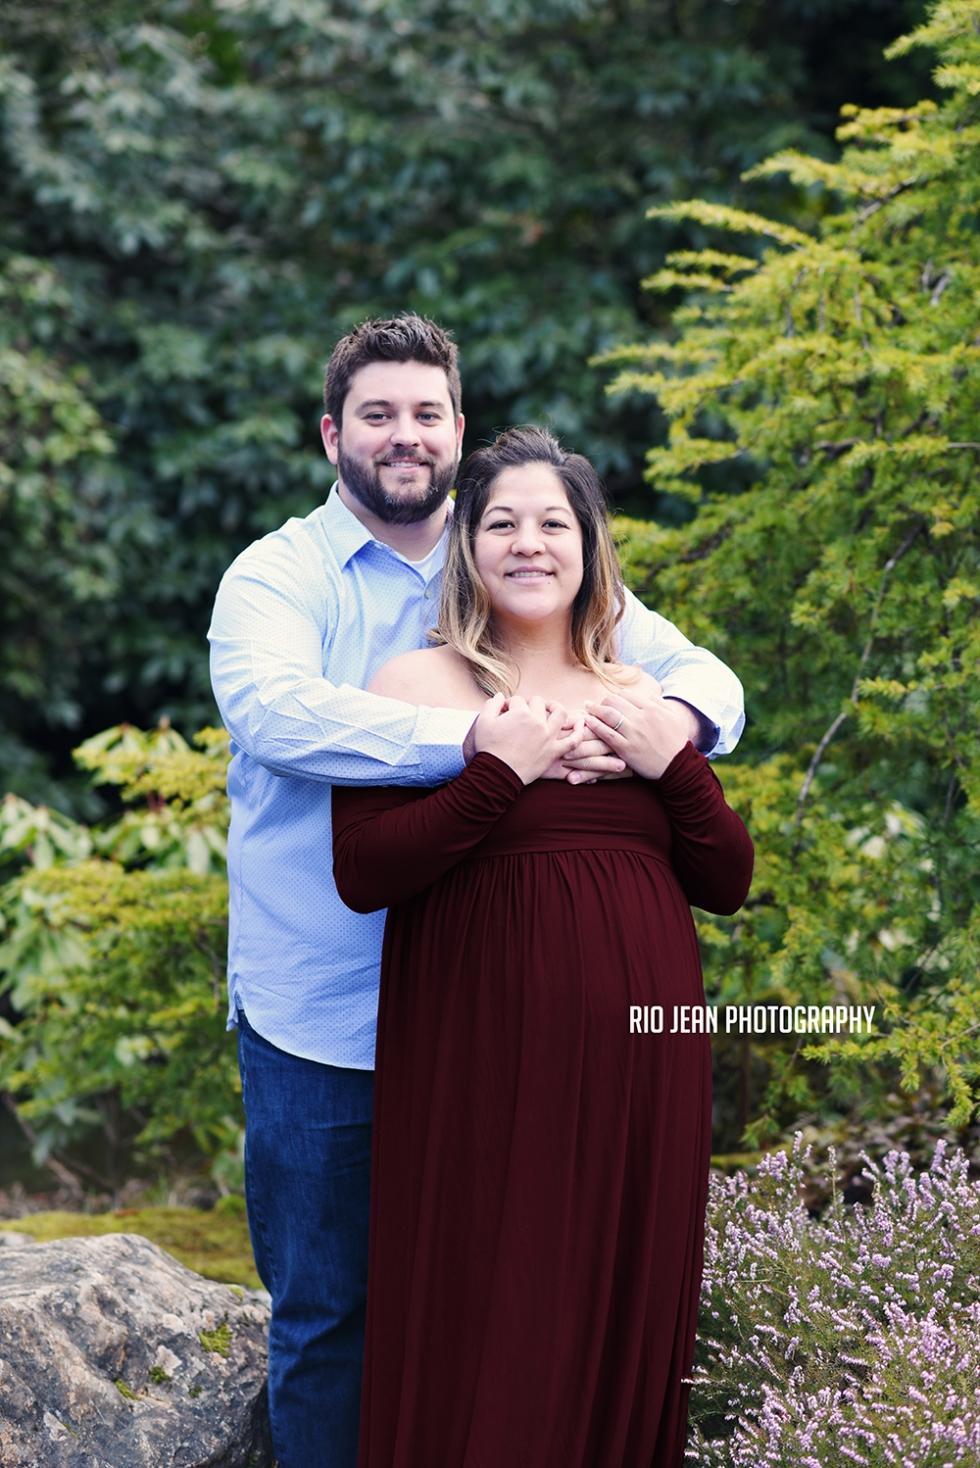 Maroon Maternity Dress